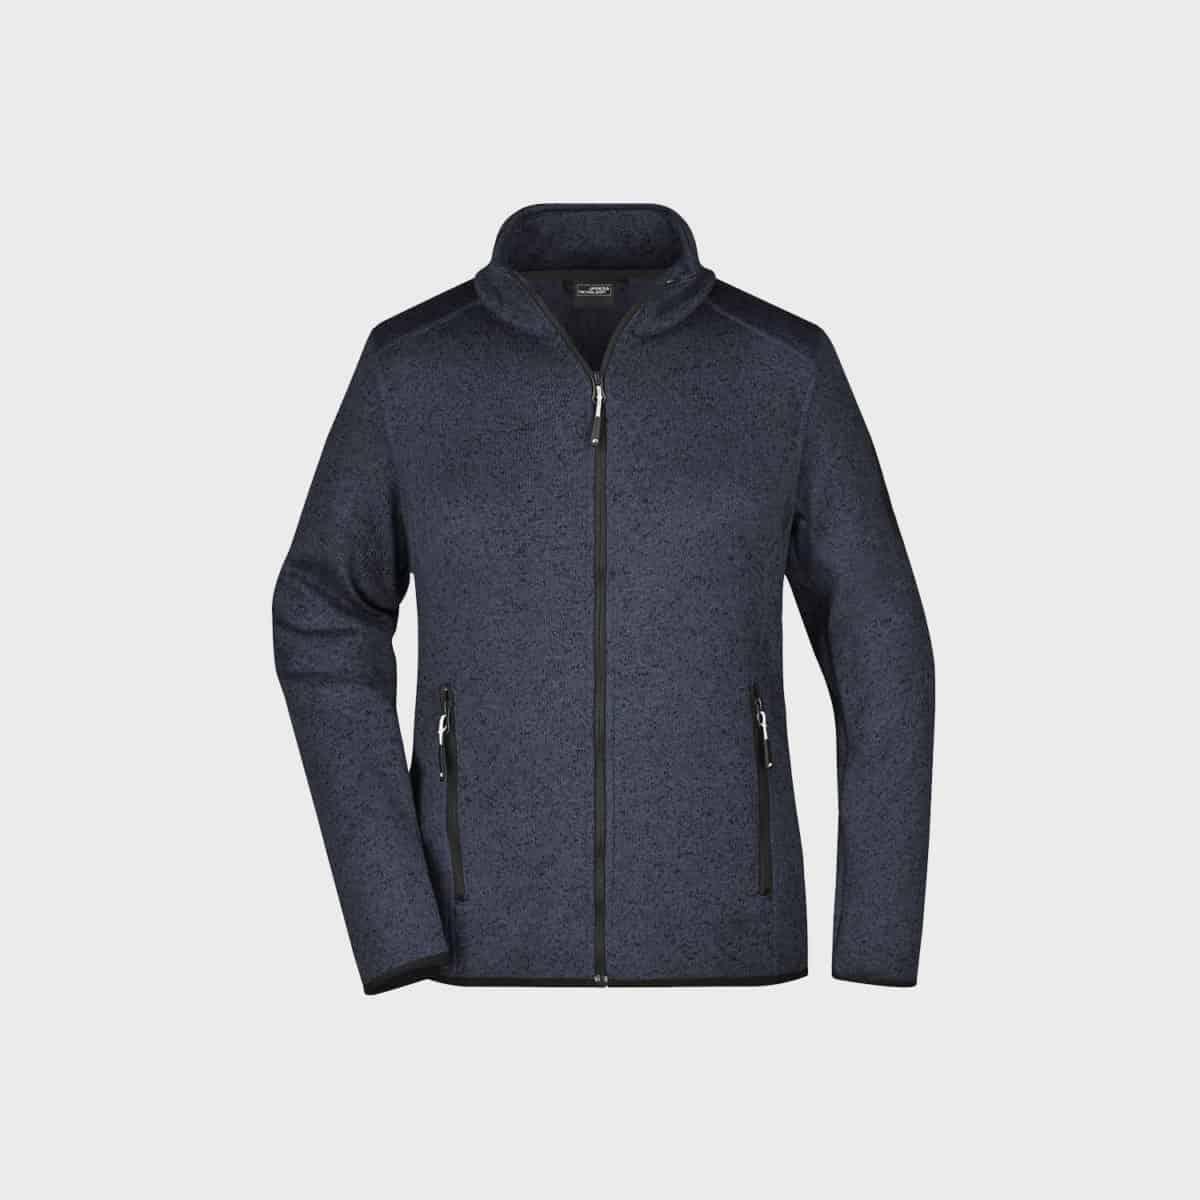 knitted-fleece-jacket-damen-darkgrey-kaufen-besticken_stickmanufaktur